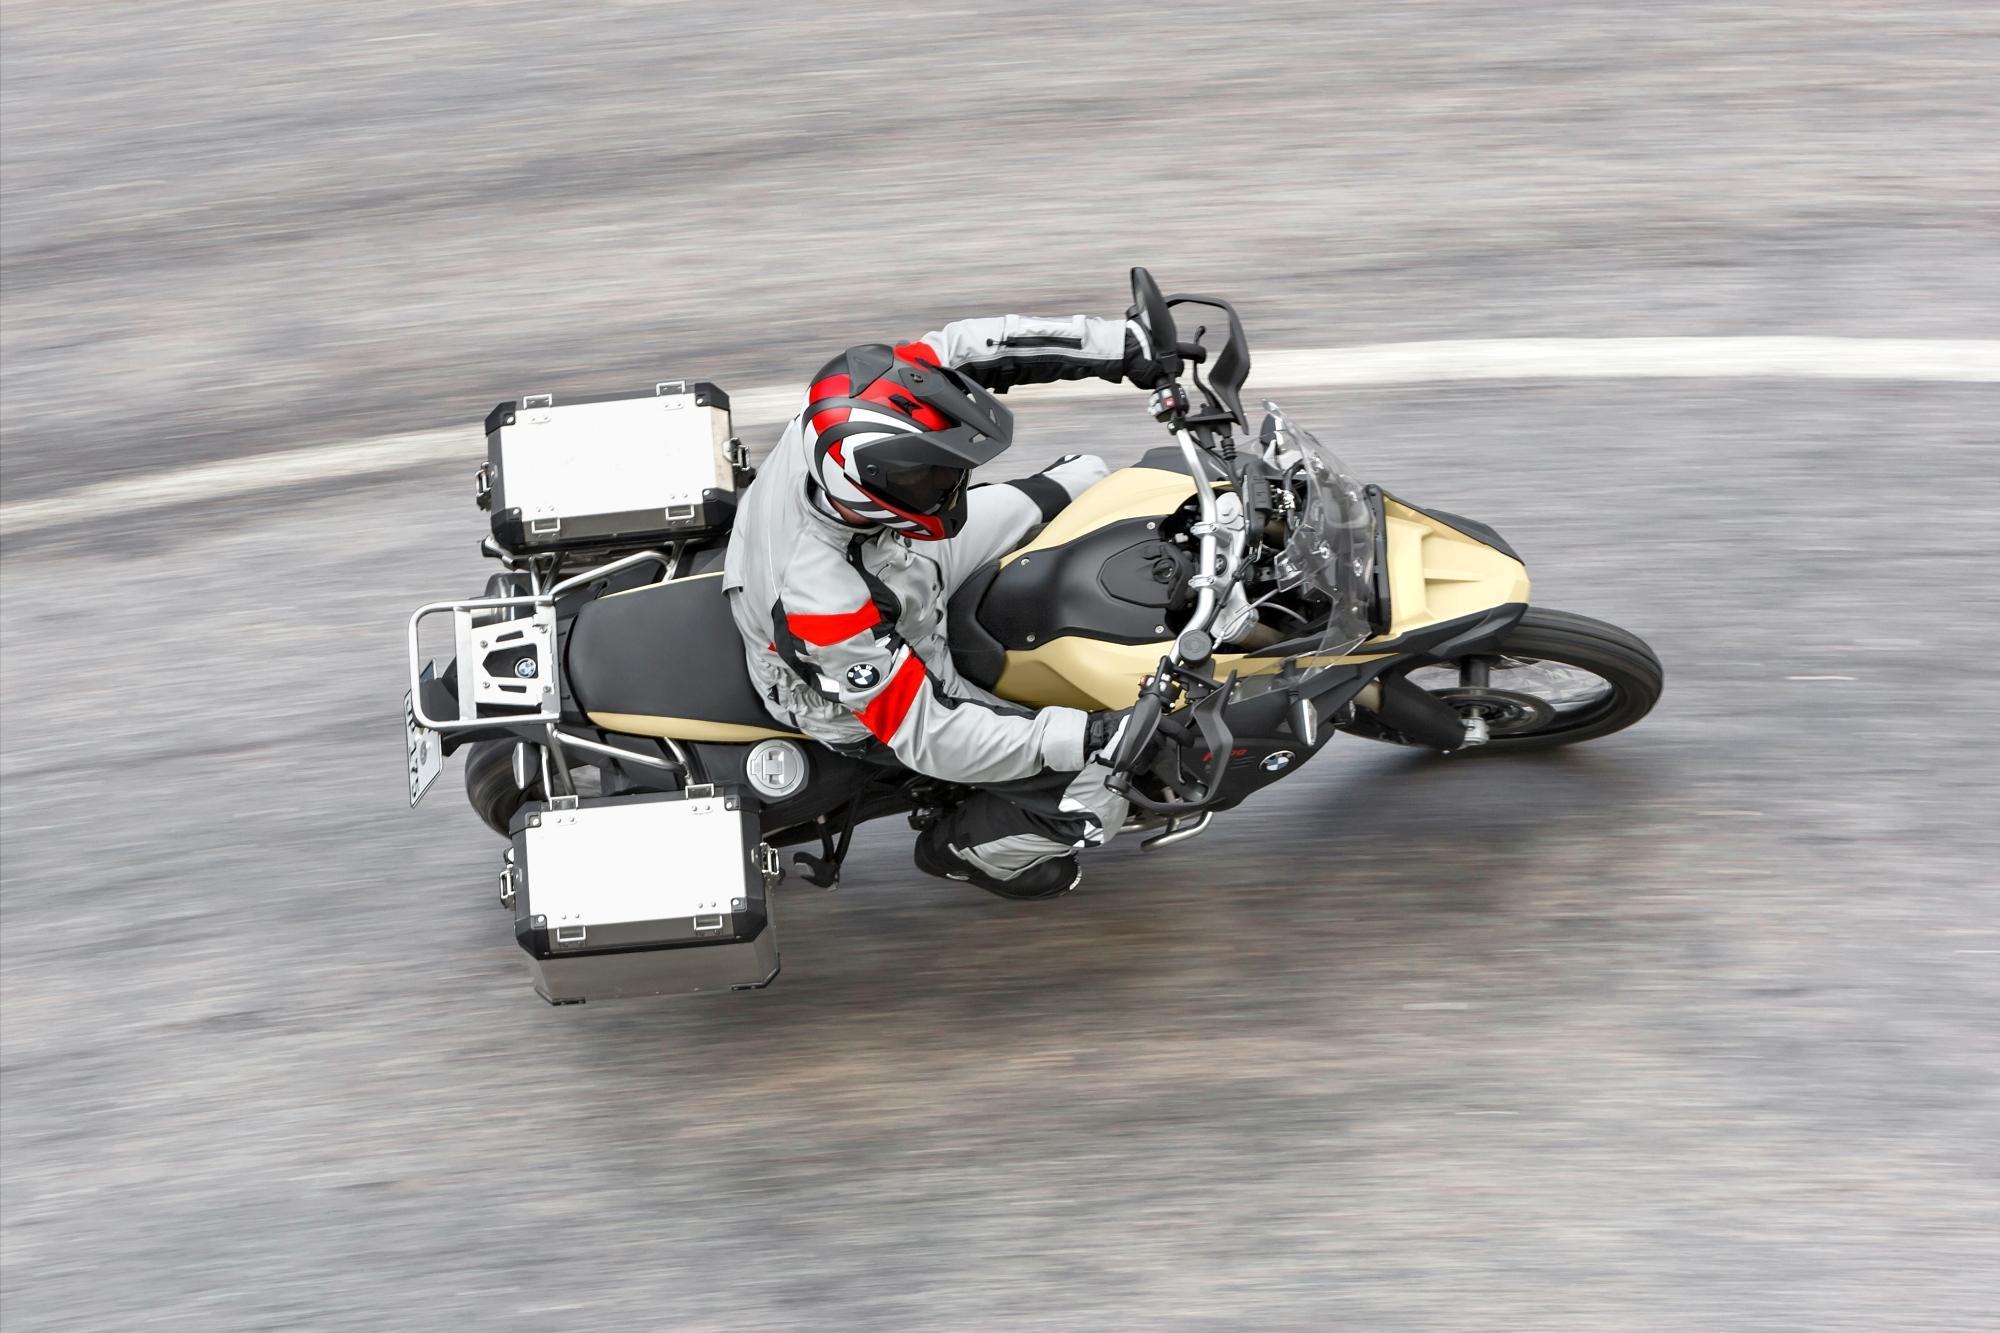 http://www.motorrad-bilder.at/slideshows/291/009407/81.jpg